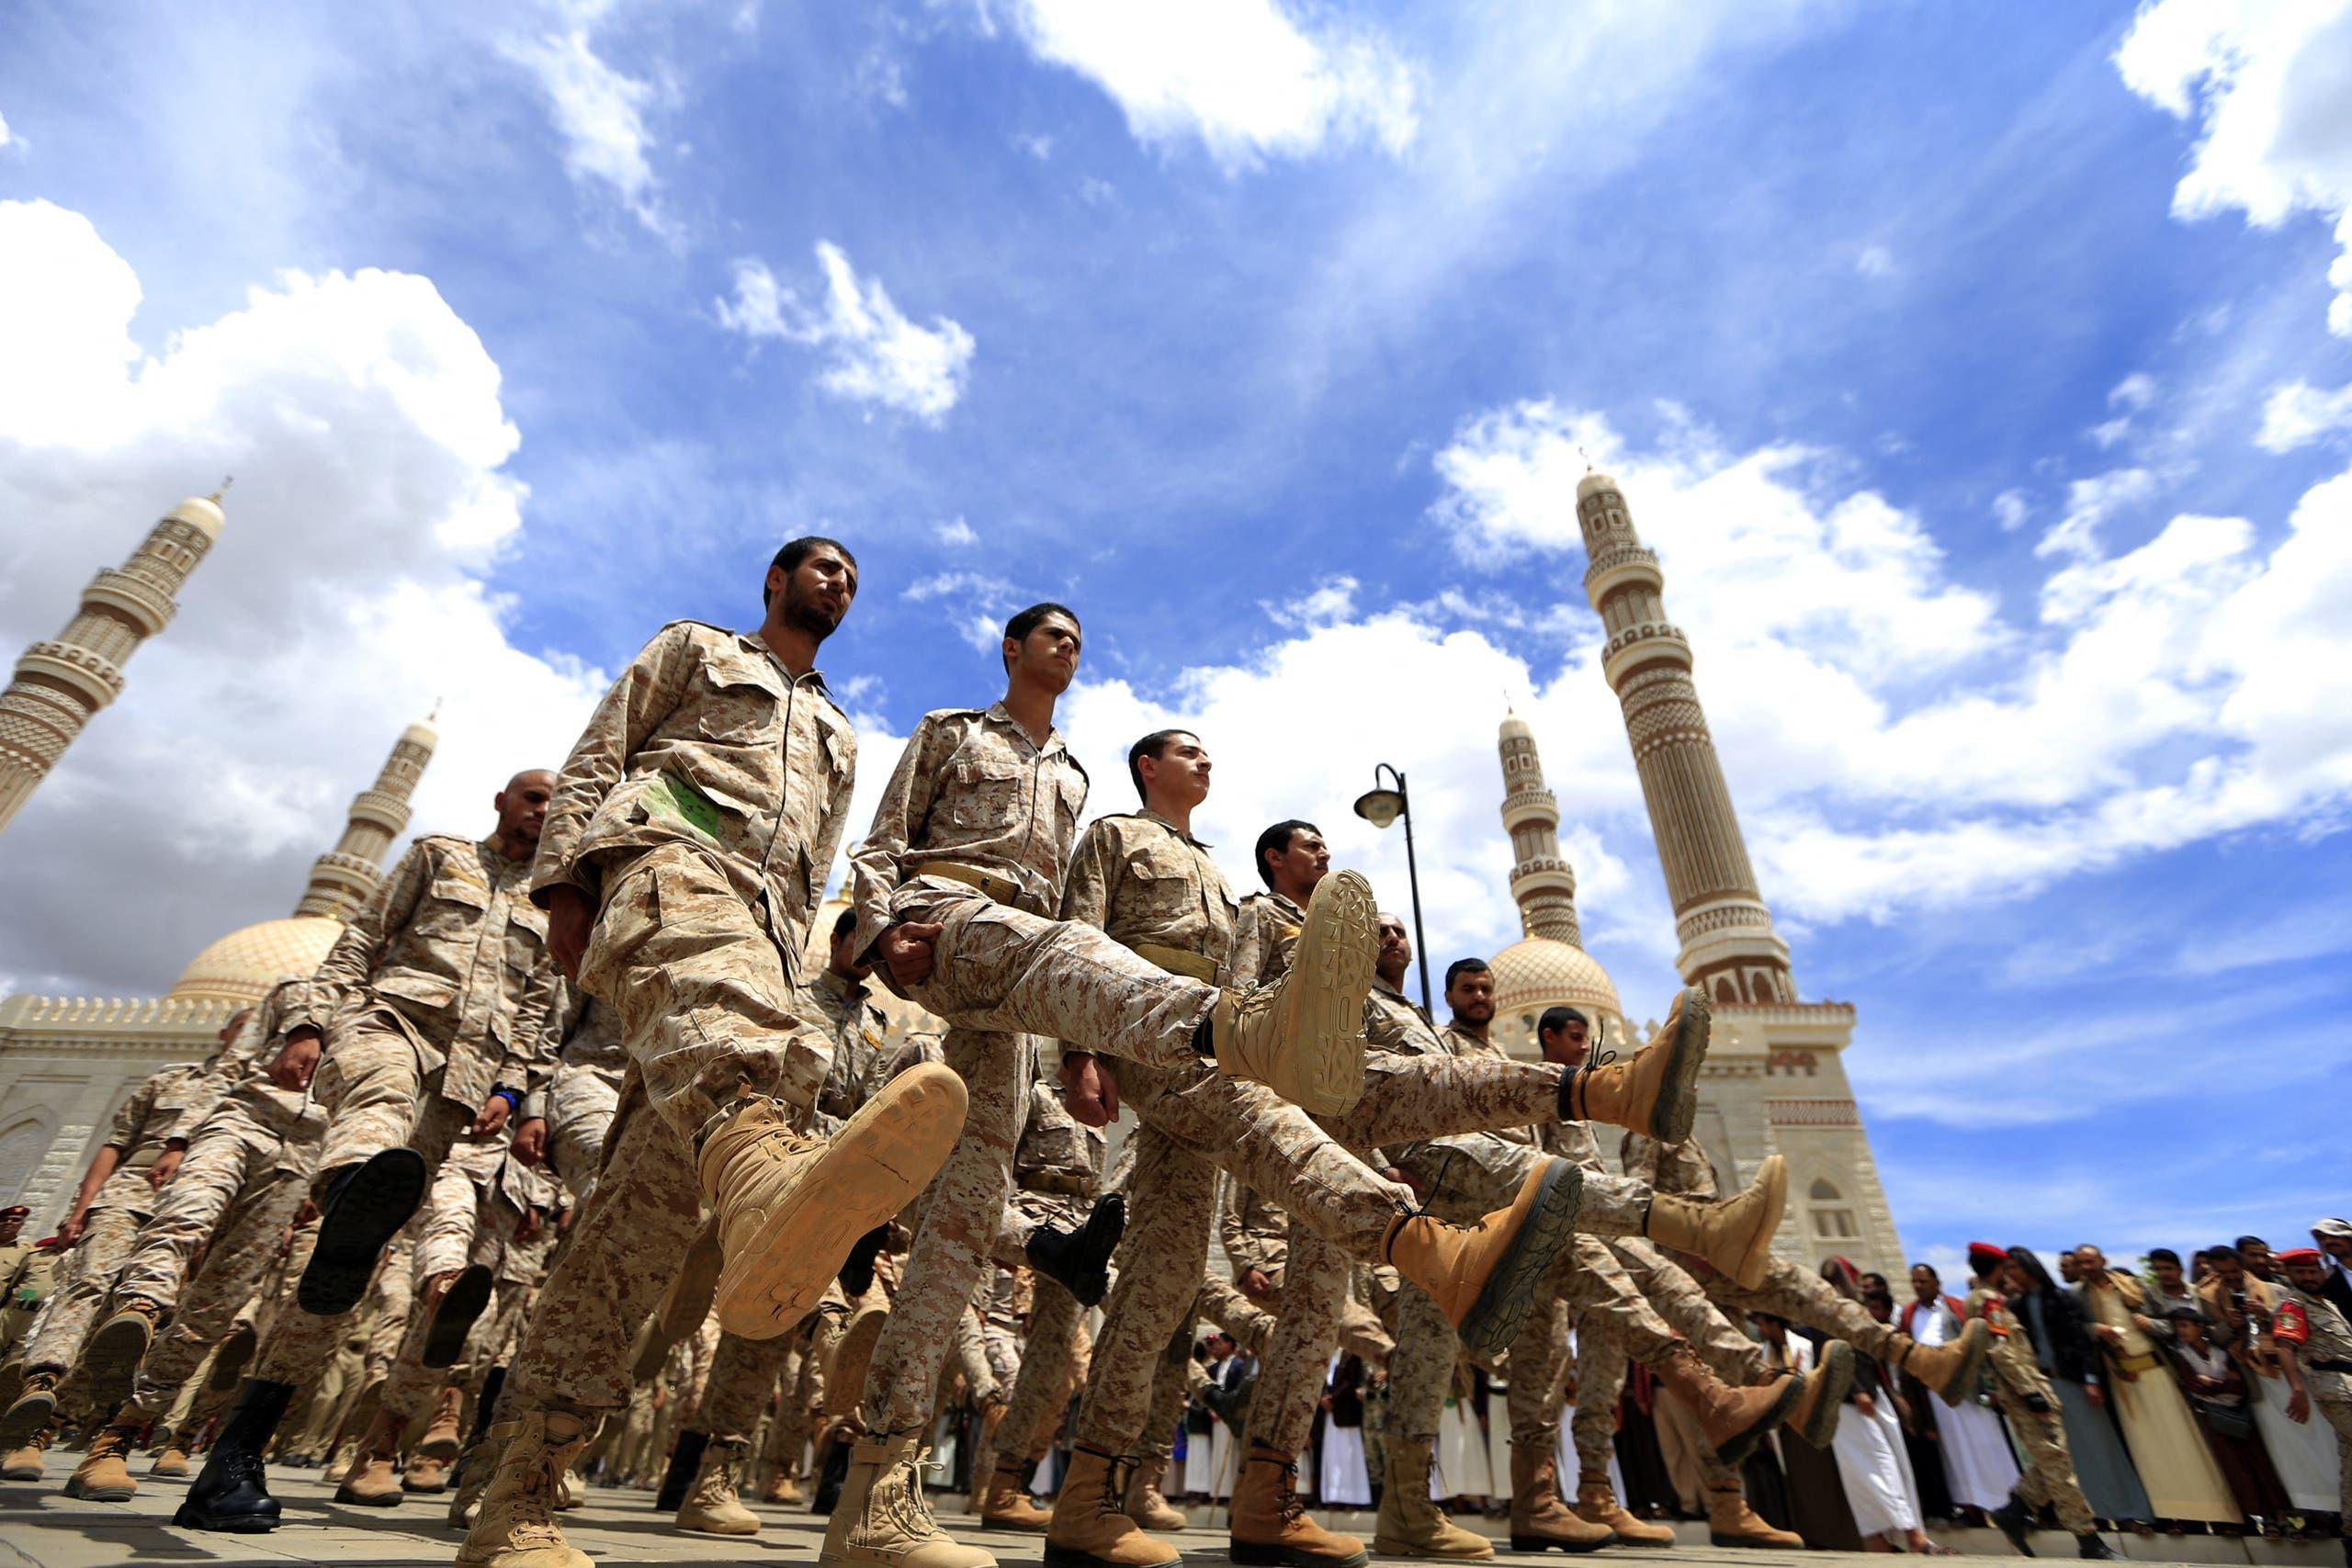 مقاتلون حوثيون في صنعاء (أرشيفية)